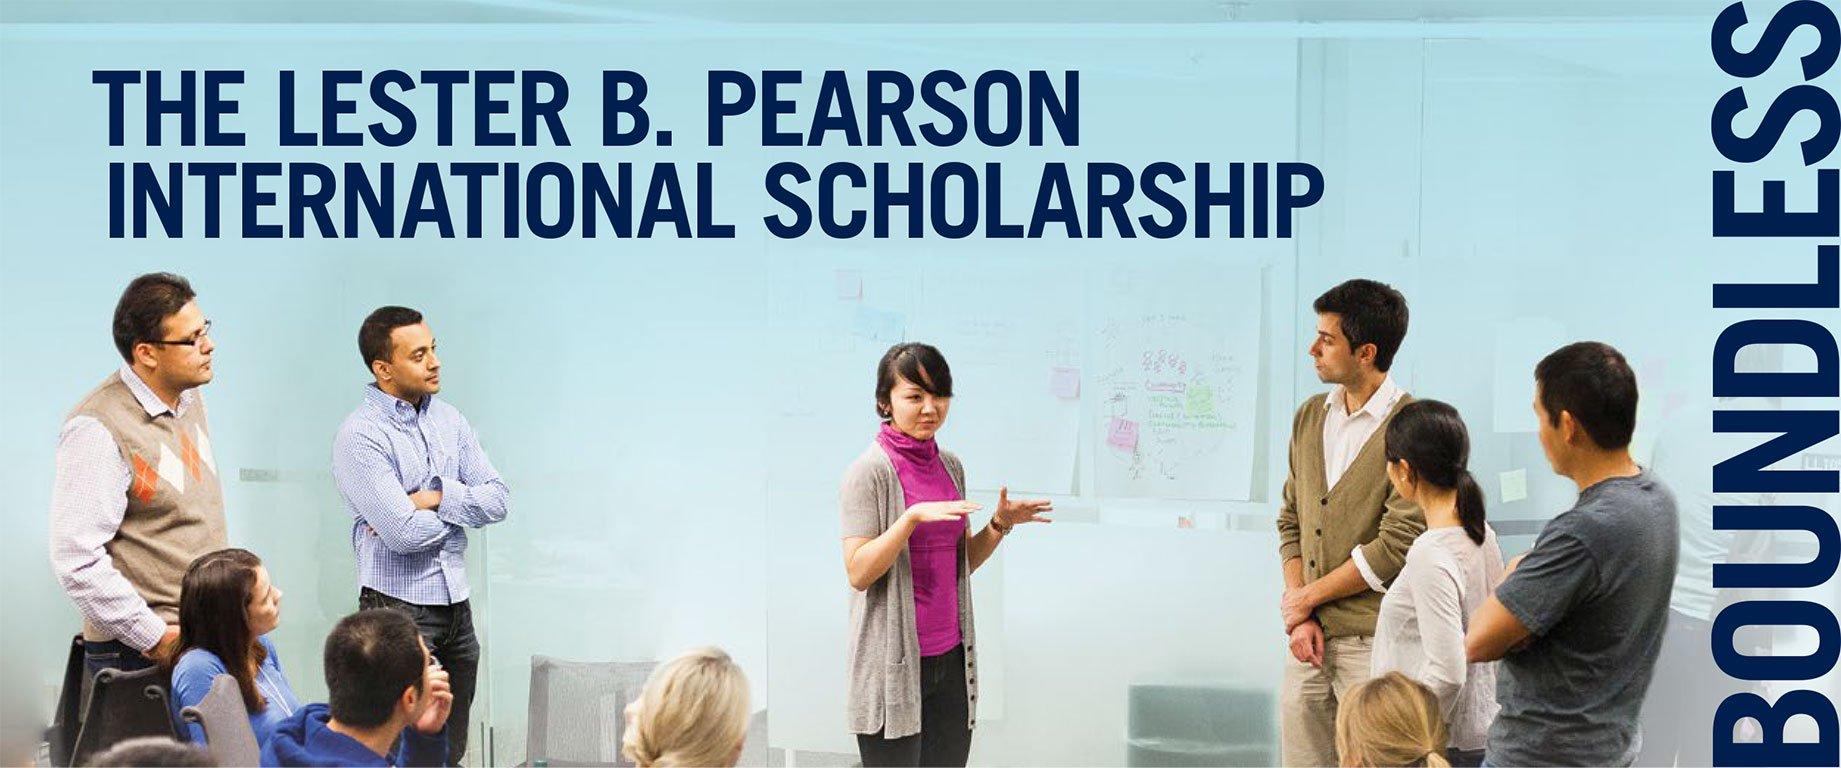 Lester B. Pearson International Scholarship Program 2020 ...